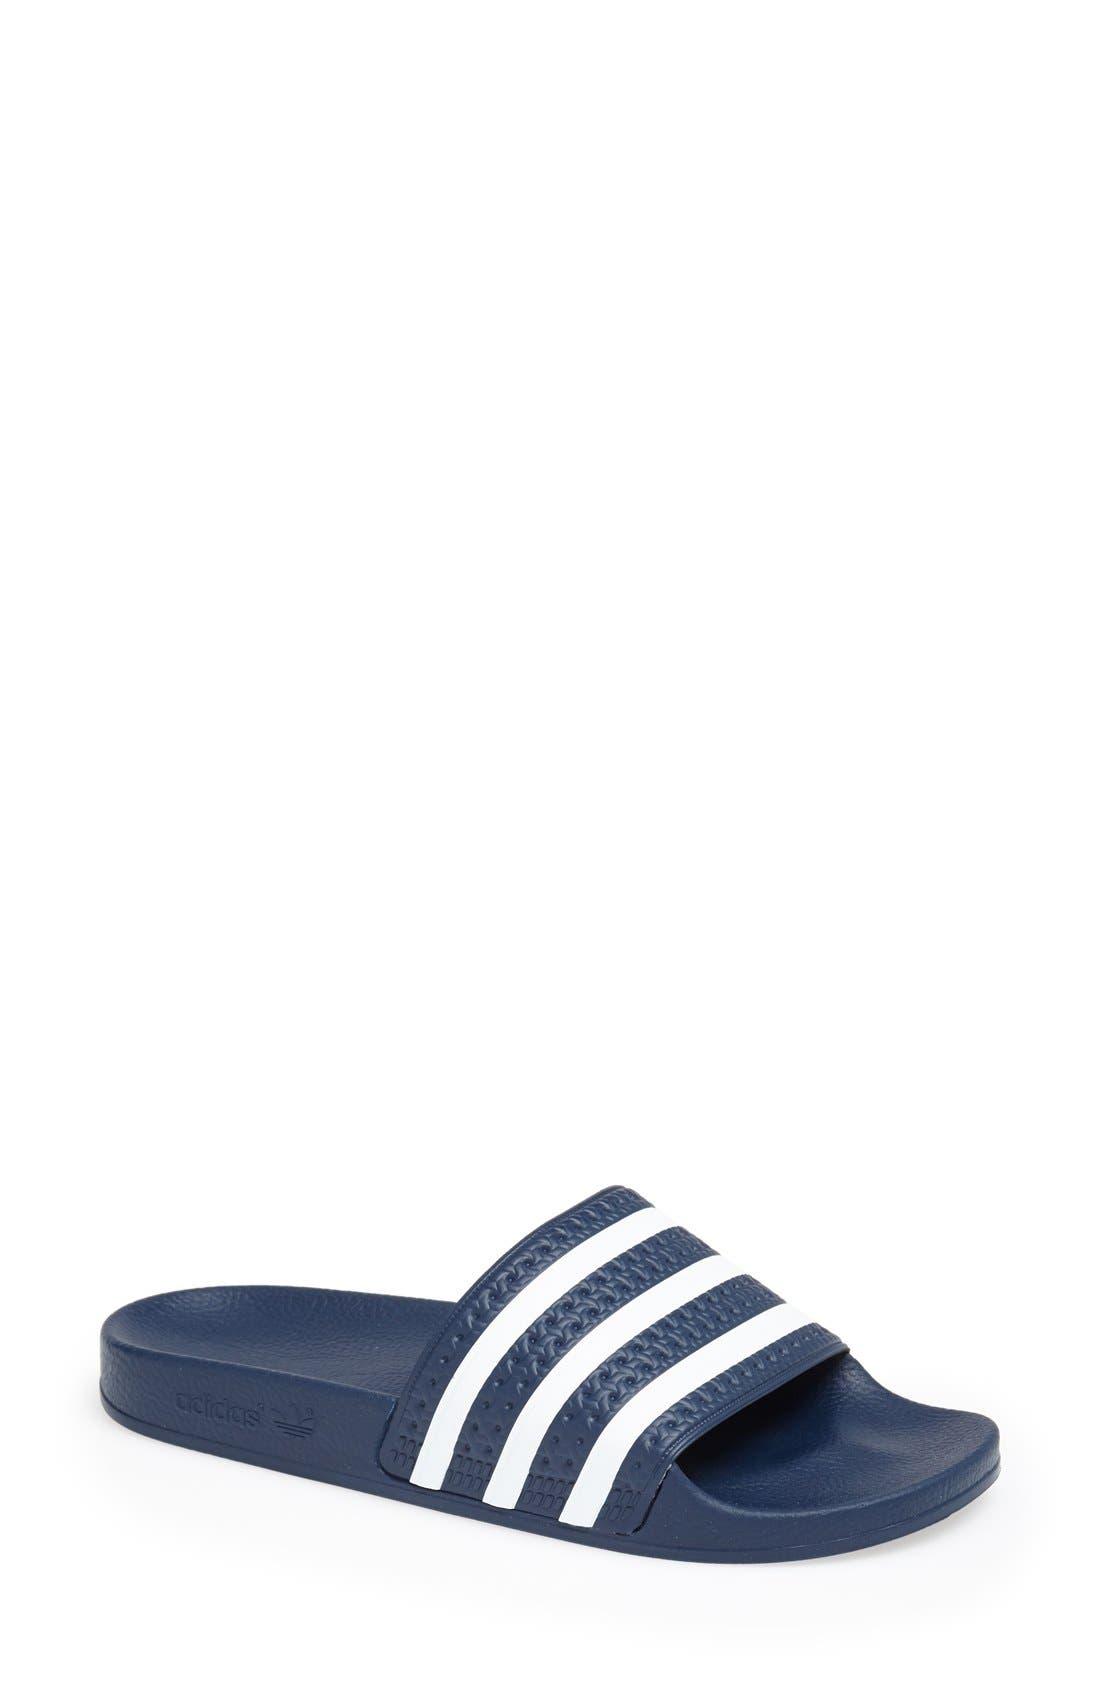 ADIDAS 'Adilette' Slide Sandal, Main, color, NEW NAVY/ WHITE